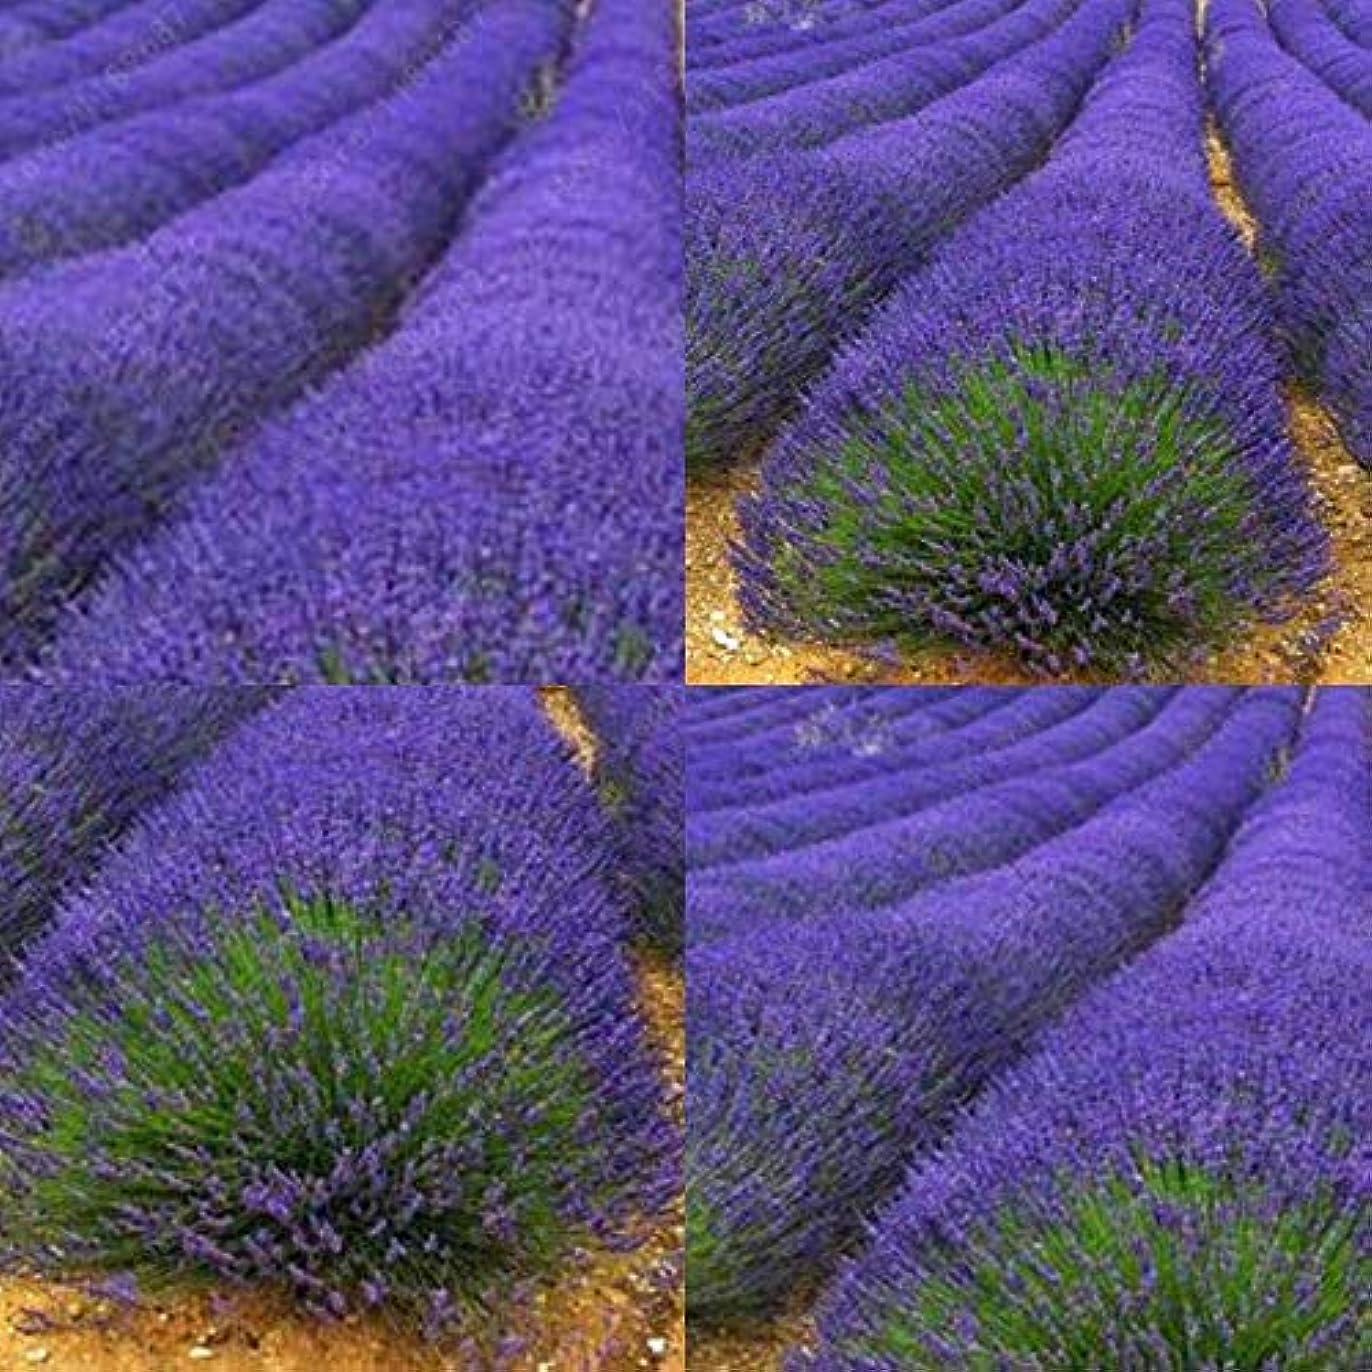 してはいけないご意見電圧Portal Cool Type2 200Pcs: New Garden Aromatic Spices Variety Herb Seeds Plant Vegetable Lavender Herb